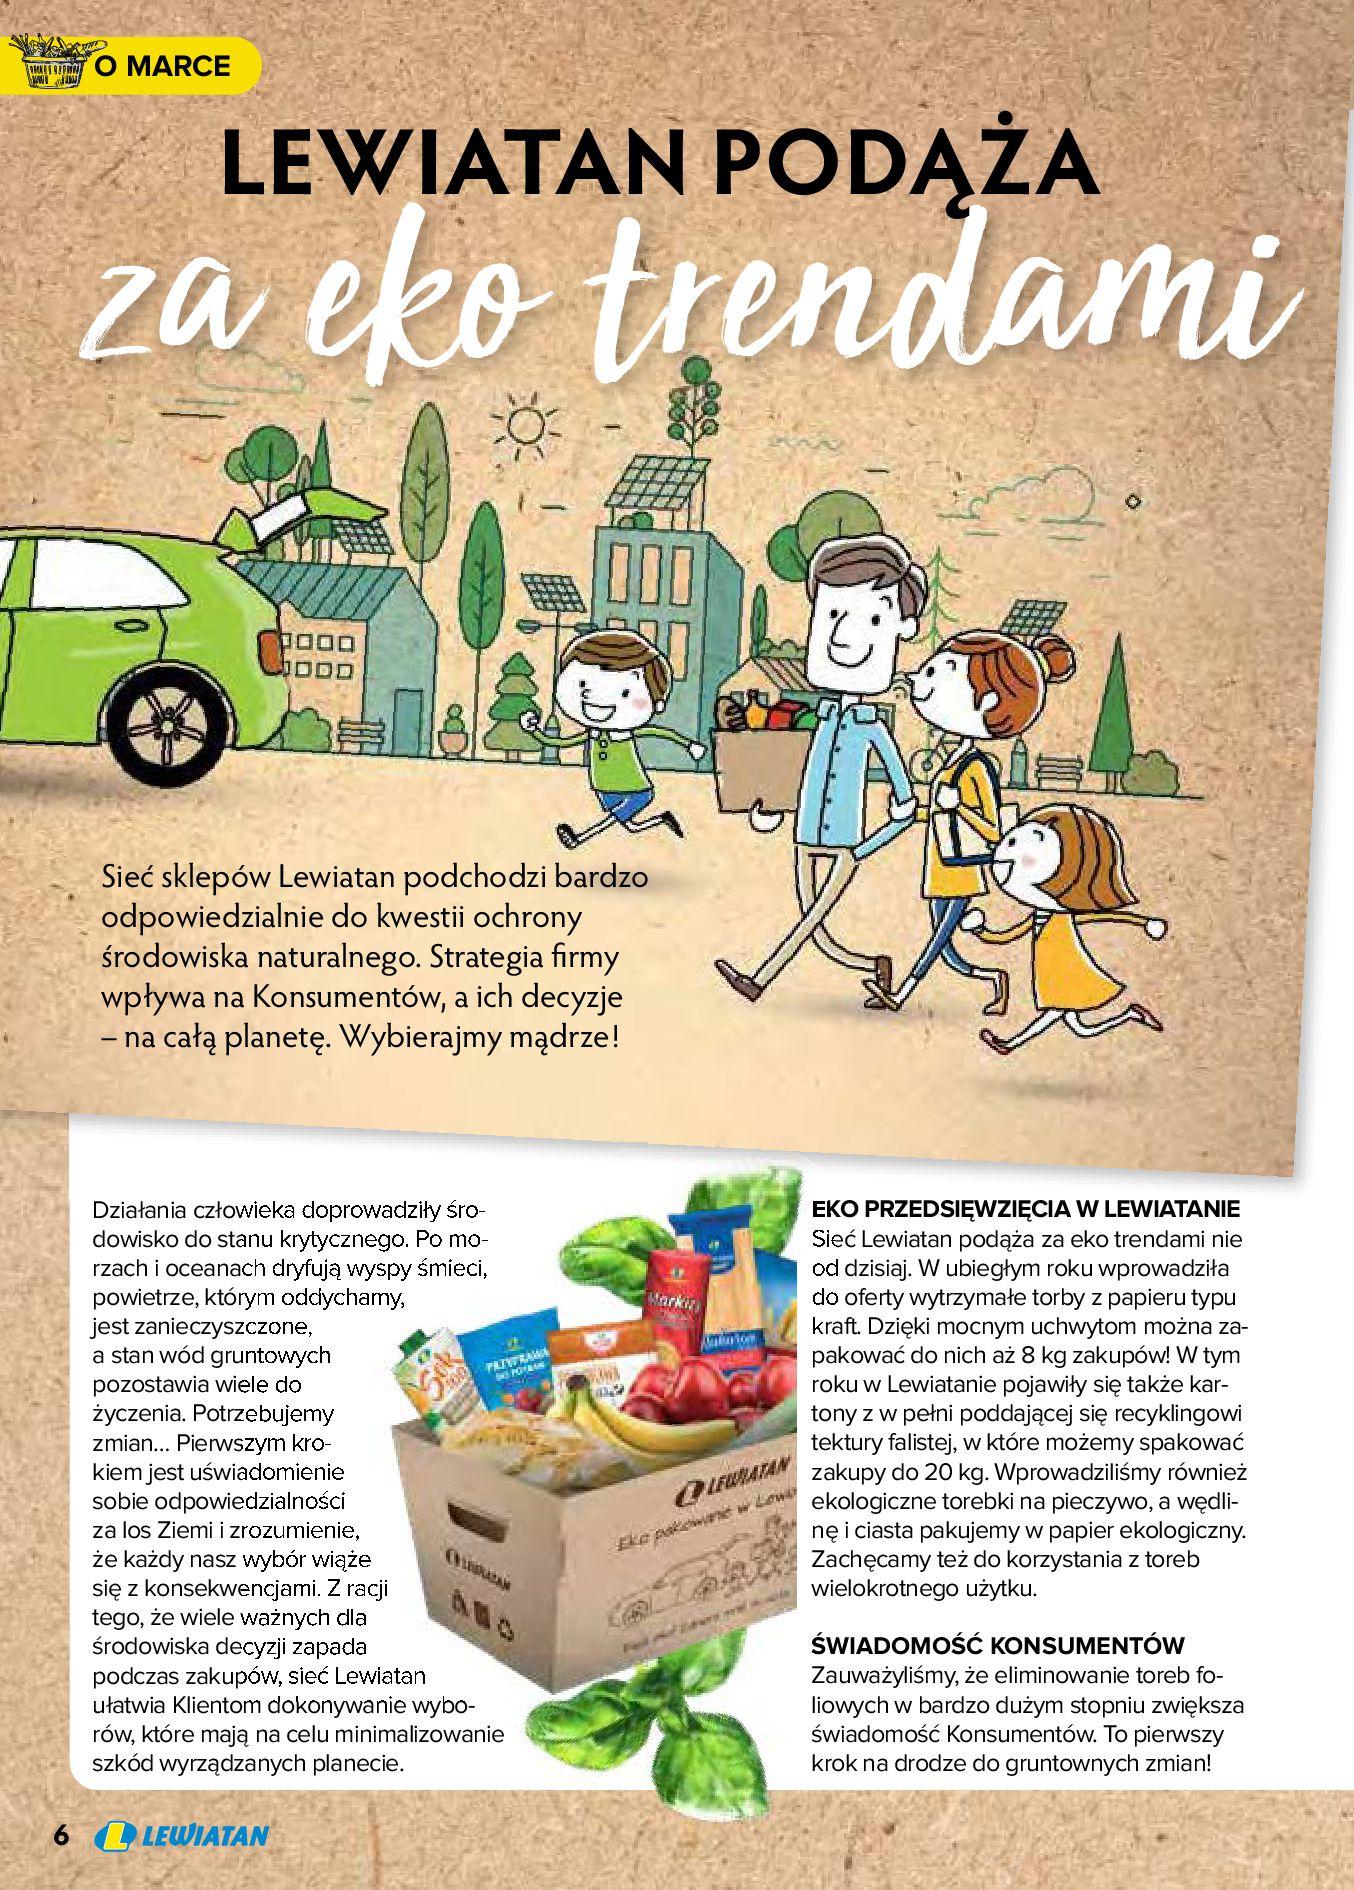 Gazetka Lewiatan: Produkty marki Lewiatan 2020-12-31 page-6